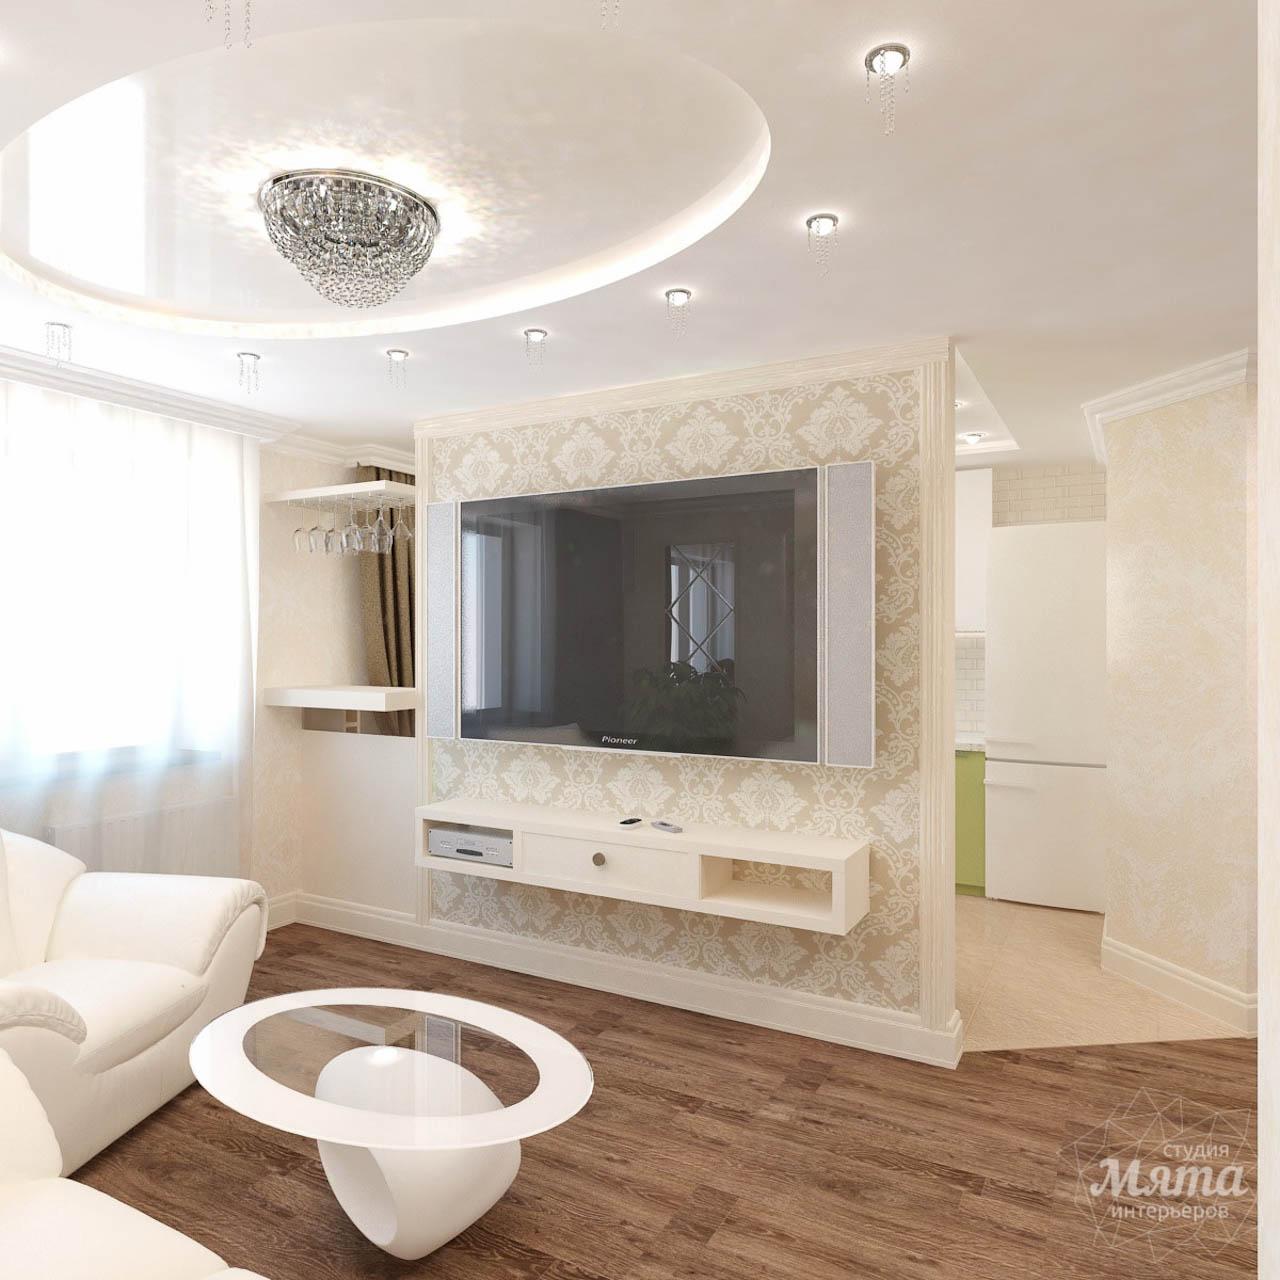 Дизайн интерьера двухкомнатной квартиры по ул. Бебеля 156 img1545490518